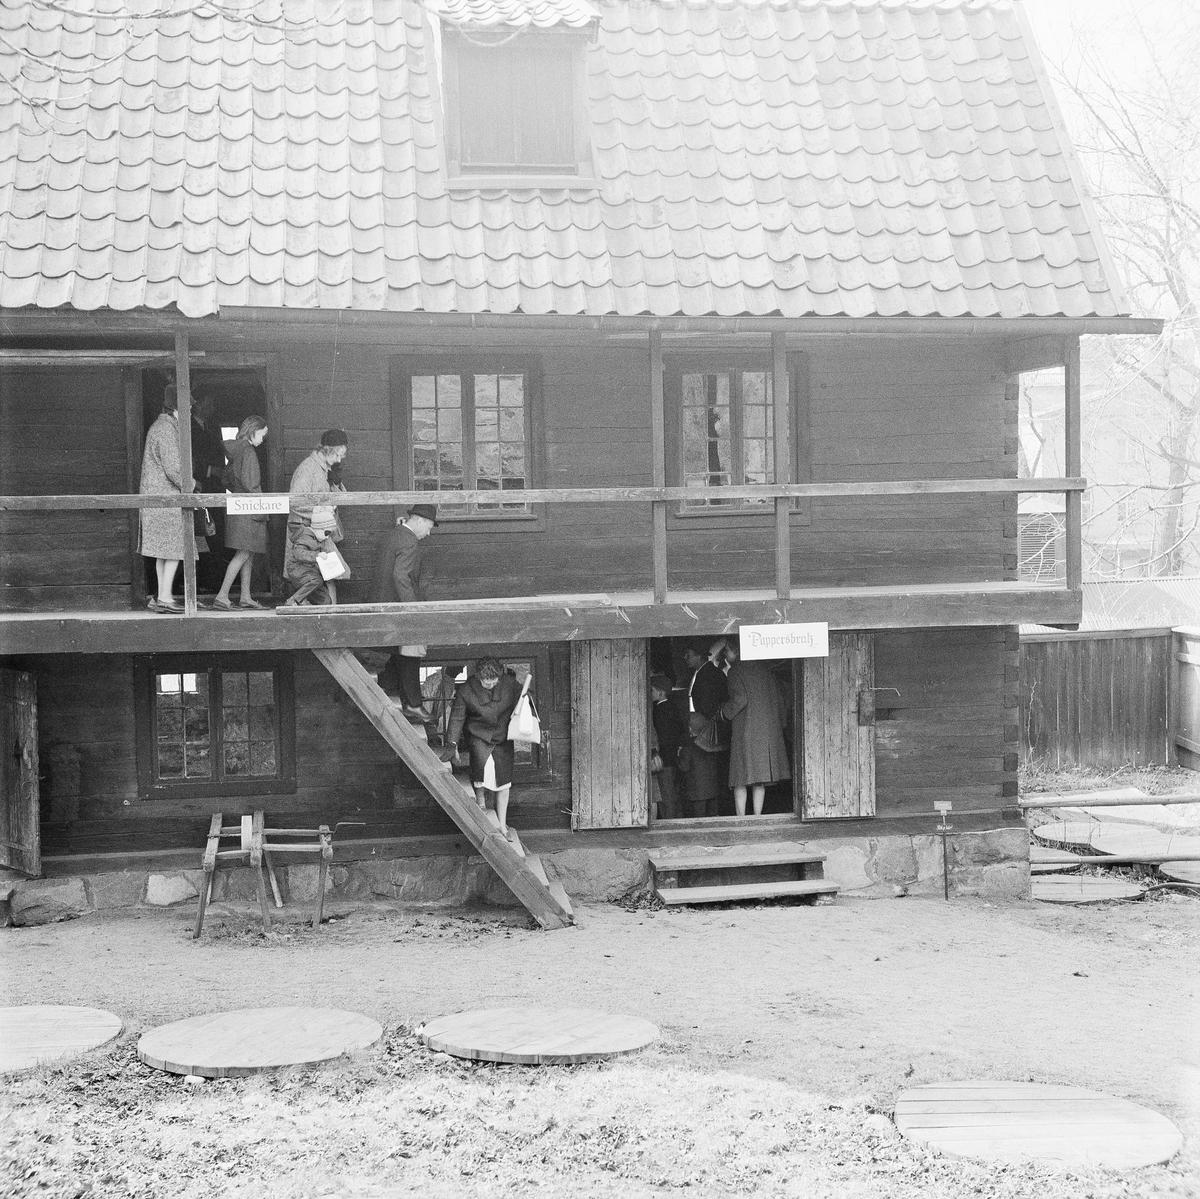 """Garverigården på Skansen. Besökare. Skyltar """"Snickare"""" och """"Pappersbruk""""."""